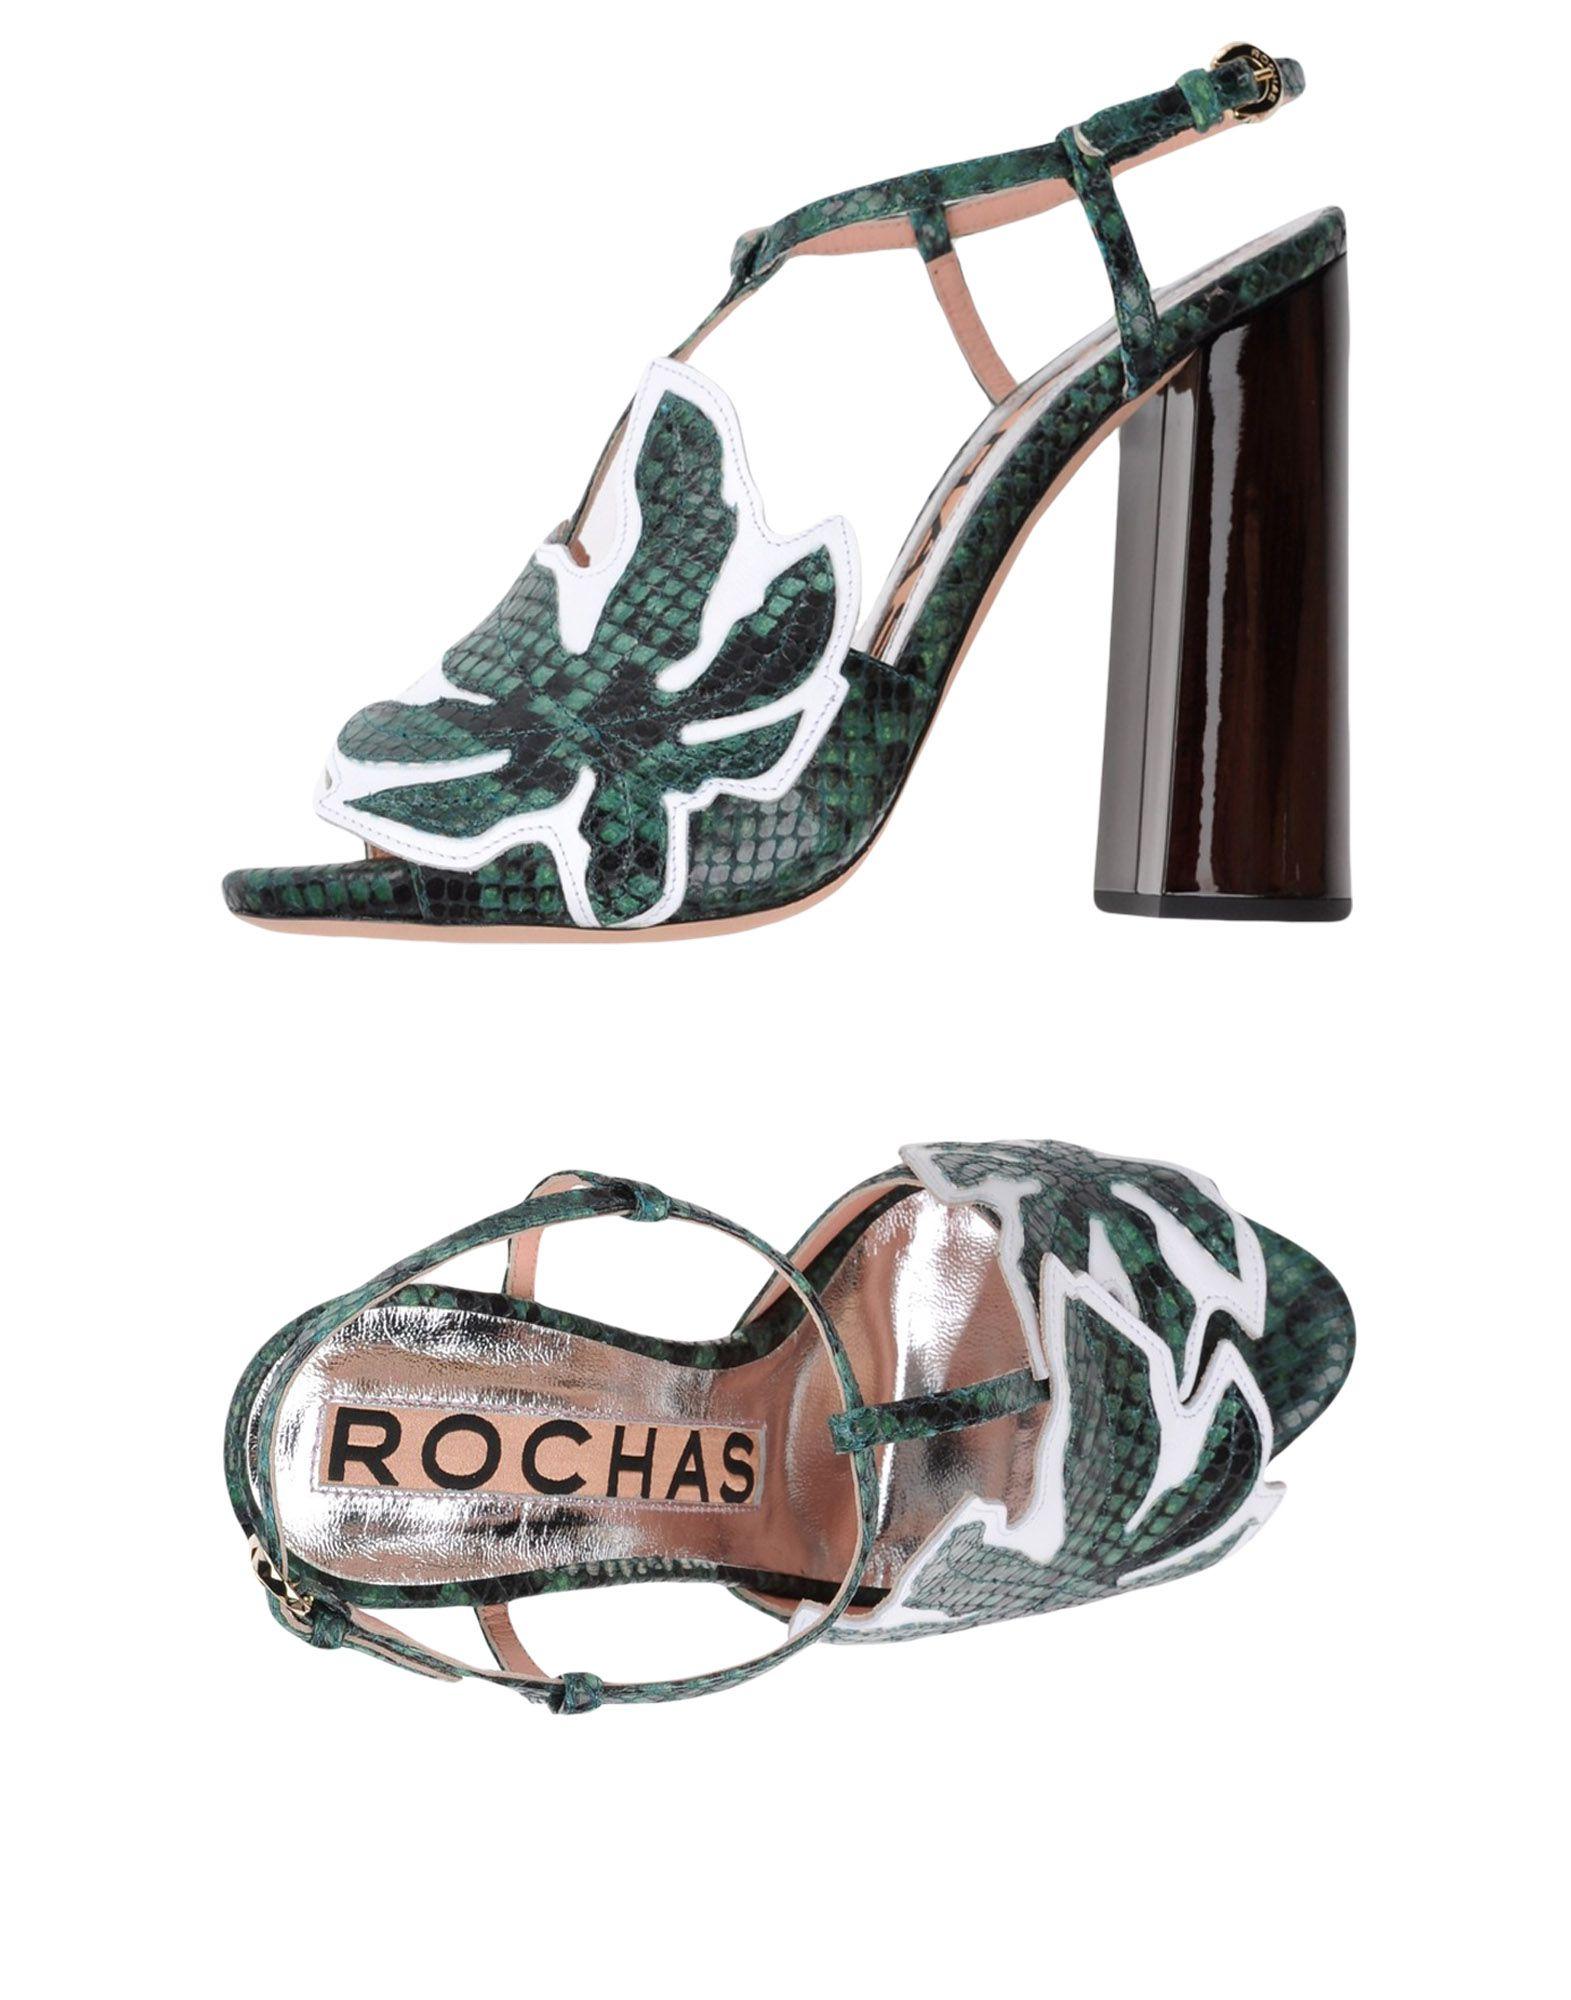 rochas sandales - femmes rochas ligne sandales en ligne rochas le royaume - uni - 11326801ti 787ea1